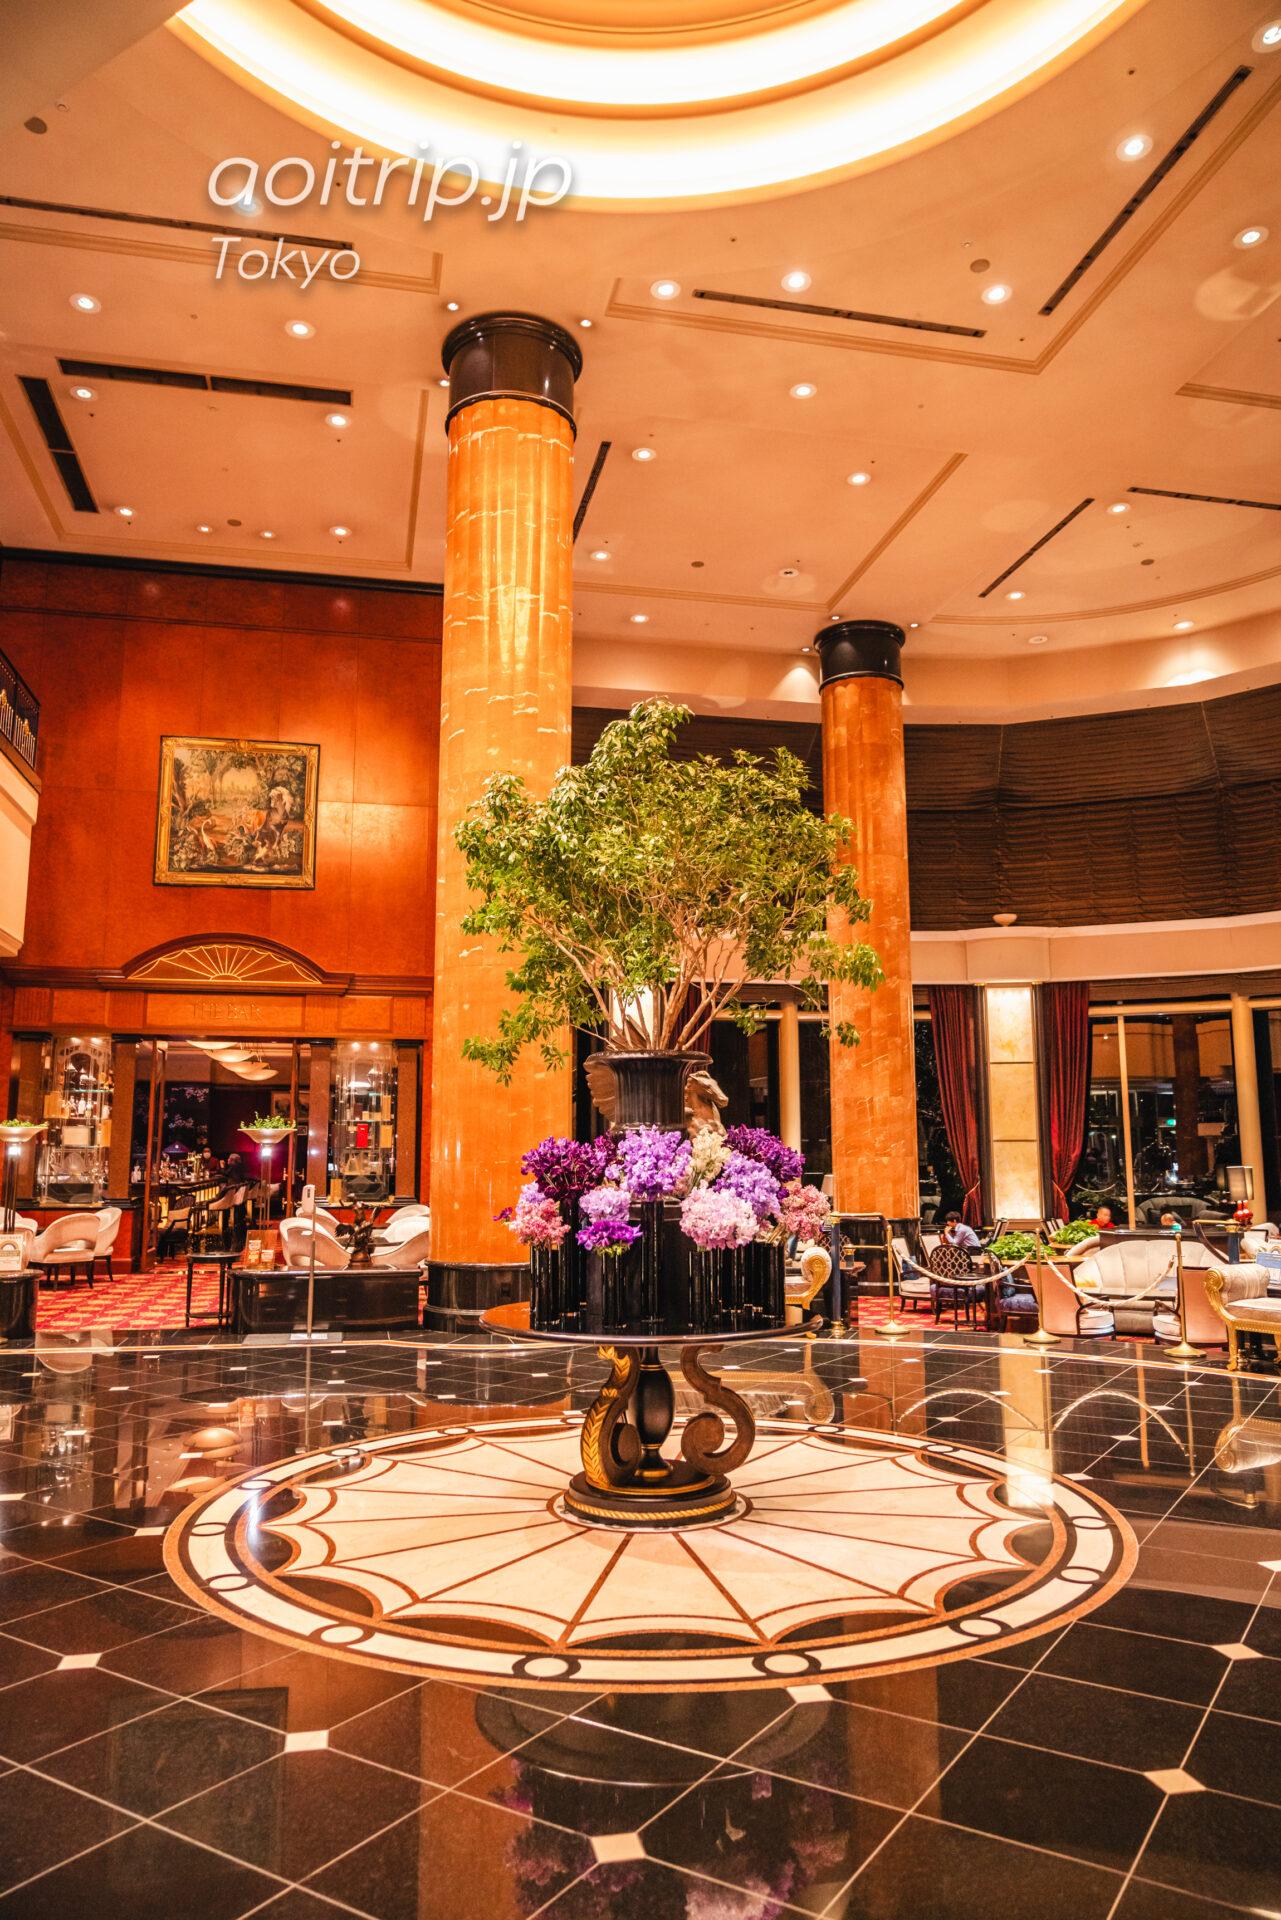 ウェスティンホテル東京 宿泊記|The Westin Tokyo ホテルのロビー、吹き抜け